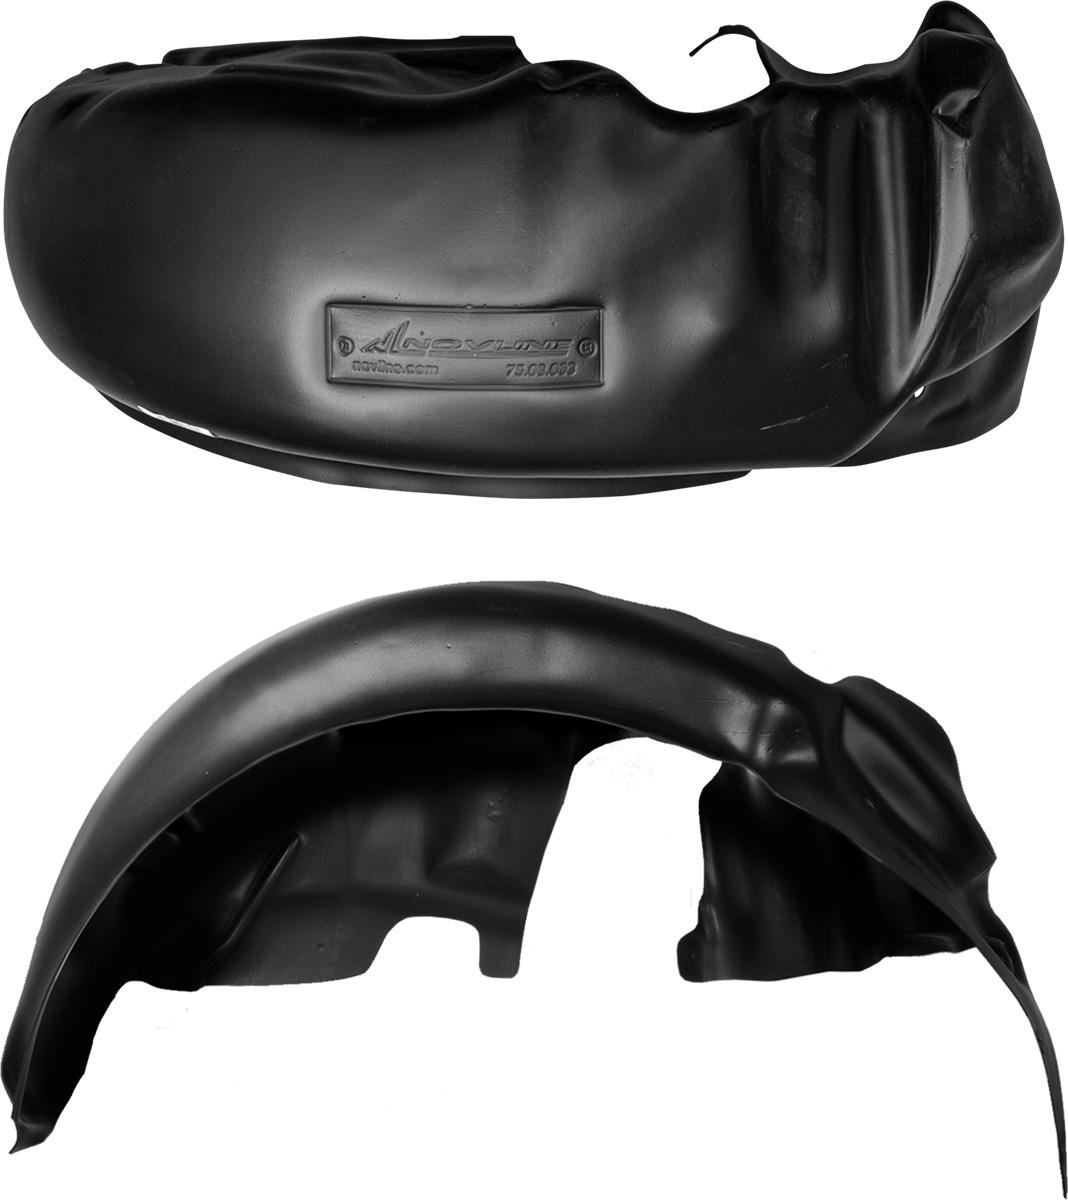 Подкрылок Novline-Autofamily, для Chevrolet Spark 2010-, задний левыйNLL.08.14.003Колесные ниши - одни из самых уязвимых зон днища вашего автомобиля. Они постоянно подвергаются воздействию со стороны дороги. Лучшая, почти абсолютная защита для них - специально отформованные пластиковые кожухи, которые называются подкрылками. Производятся они как для отечественных моделей автомобилей, так и для иномарок. Подкрылки Novline-Autofamily выполнены из высококачественного, экологически чистого пластика. Обеспечивают надежную защиту кузова автомобиля от пескоструйного эффекта и негативного влияния, агрессивных антигололедных реагентов. Пластик обладает более низкой теплопроводностью, чем металл, поэтому в зимний период эксплуатации использование пластиковых подкрылков позволяет лучше защитить колесные ниши от налипания снега и образования наледи. Оригинальность конструкции подчеркивает элегантность автомобиля, бережно защищает нанесенное на днище кузова антикоррозийное покрытие и позволяет осуществить крепление подкрылков внутри колесной арки практически без дополнительного крепежа и сверления, не нарушая при этом лакокрасочного покрытия, что предотвращает возникновение новых очагов коррозии. Подкрылки долговечны, обладают высокой прочностью и сохраняют заданную форму, а также все свои физико-механические характеристики в самых тяжелых климатических условиях (от -50°С до +50°С).Уважаемые клиенты!Обращаем ваше внимание, на тот факт, что подкрылок имеет форму, соответствующую модели данного автомобиля. Фото служит для визуального восприятия товара.